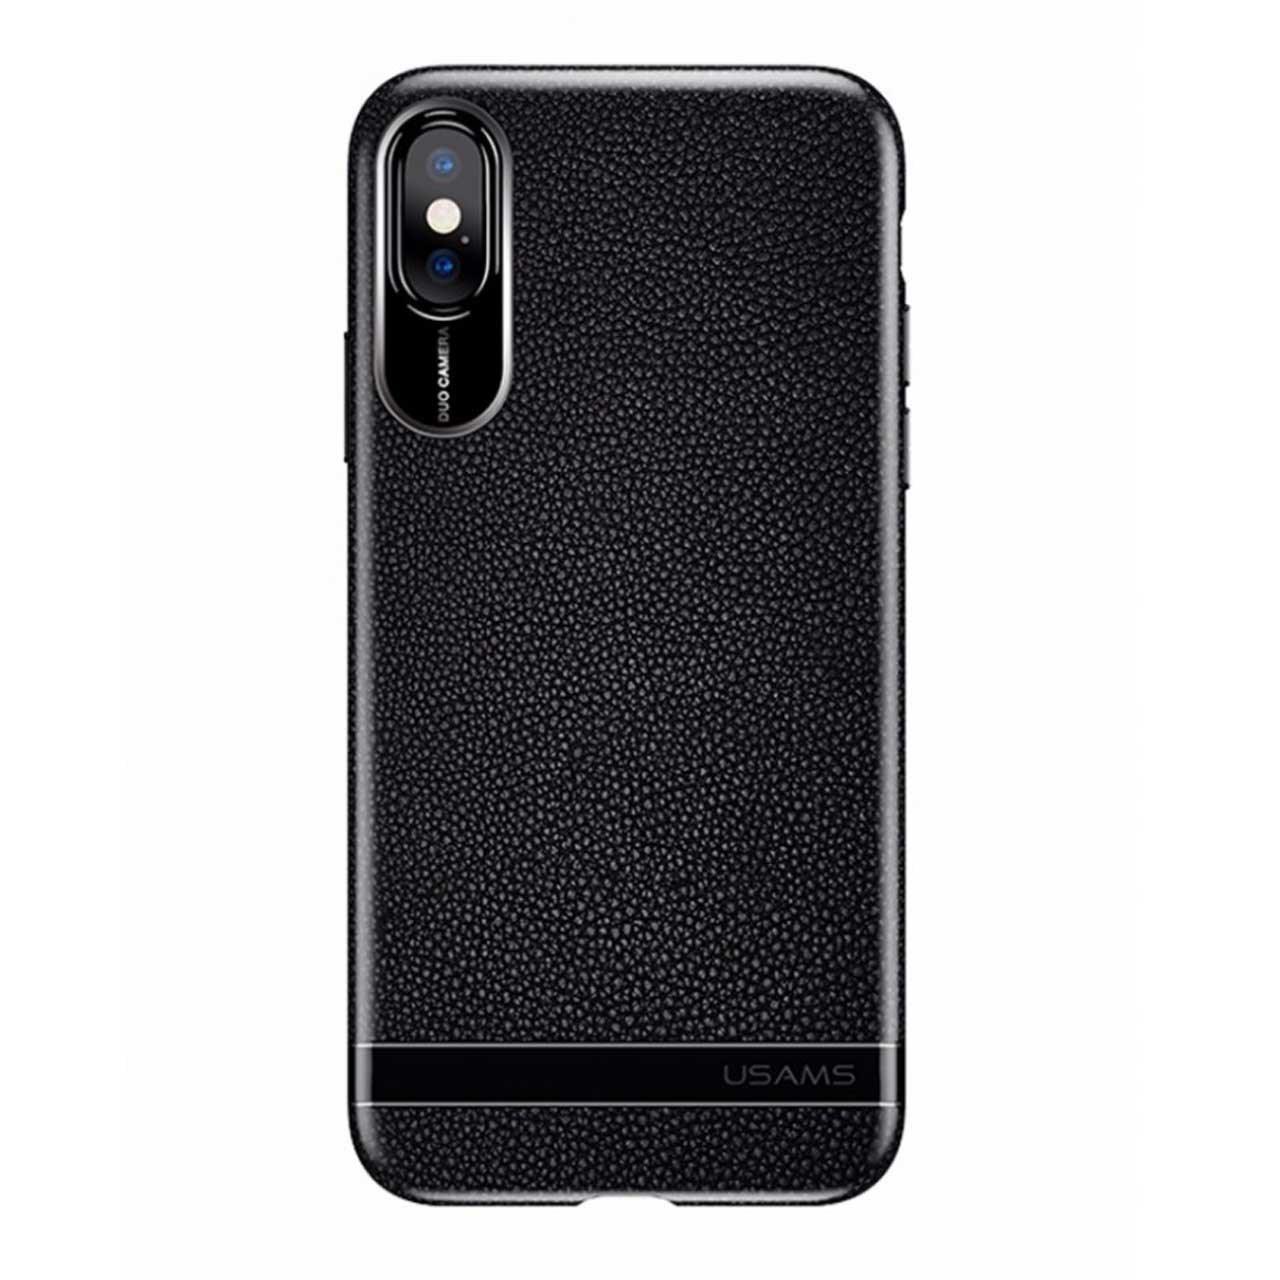 کاور یوسمز مدلSINJA SERIES مناسب برای گوشی موبایل iPhone X/10